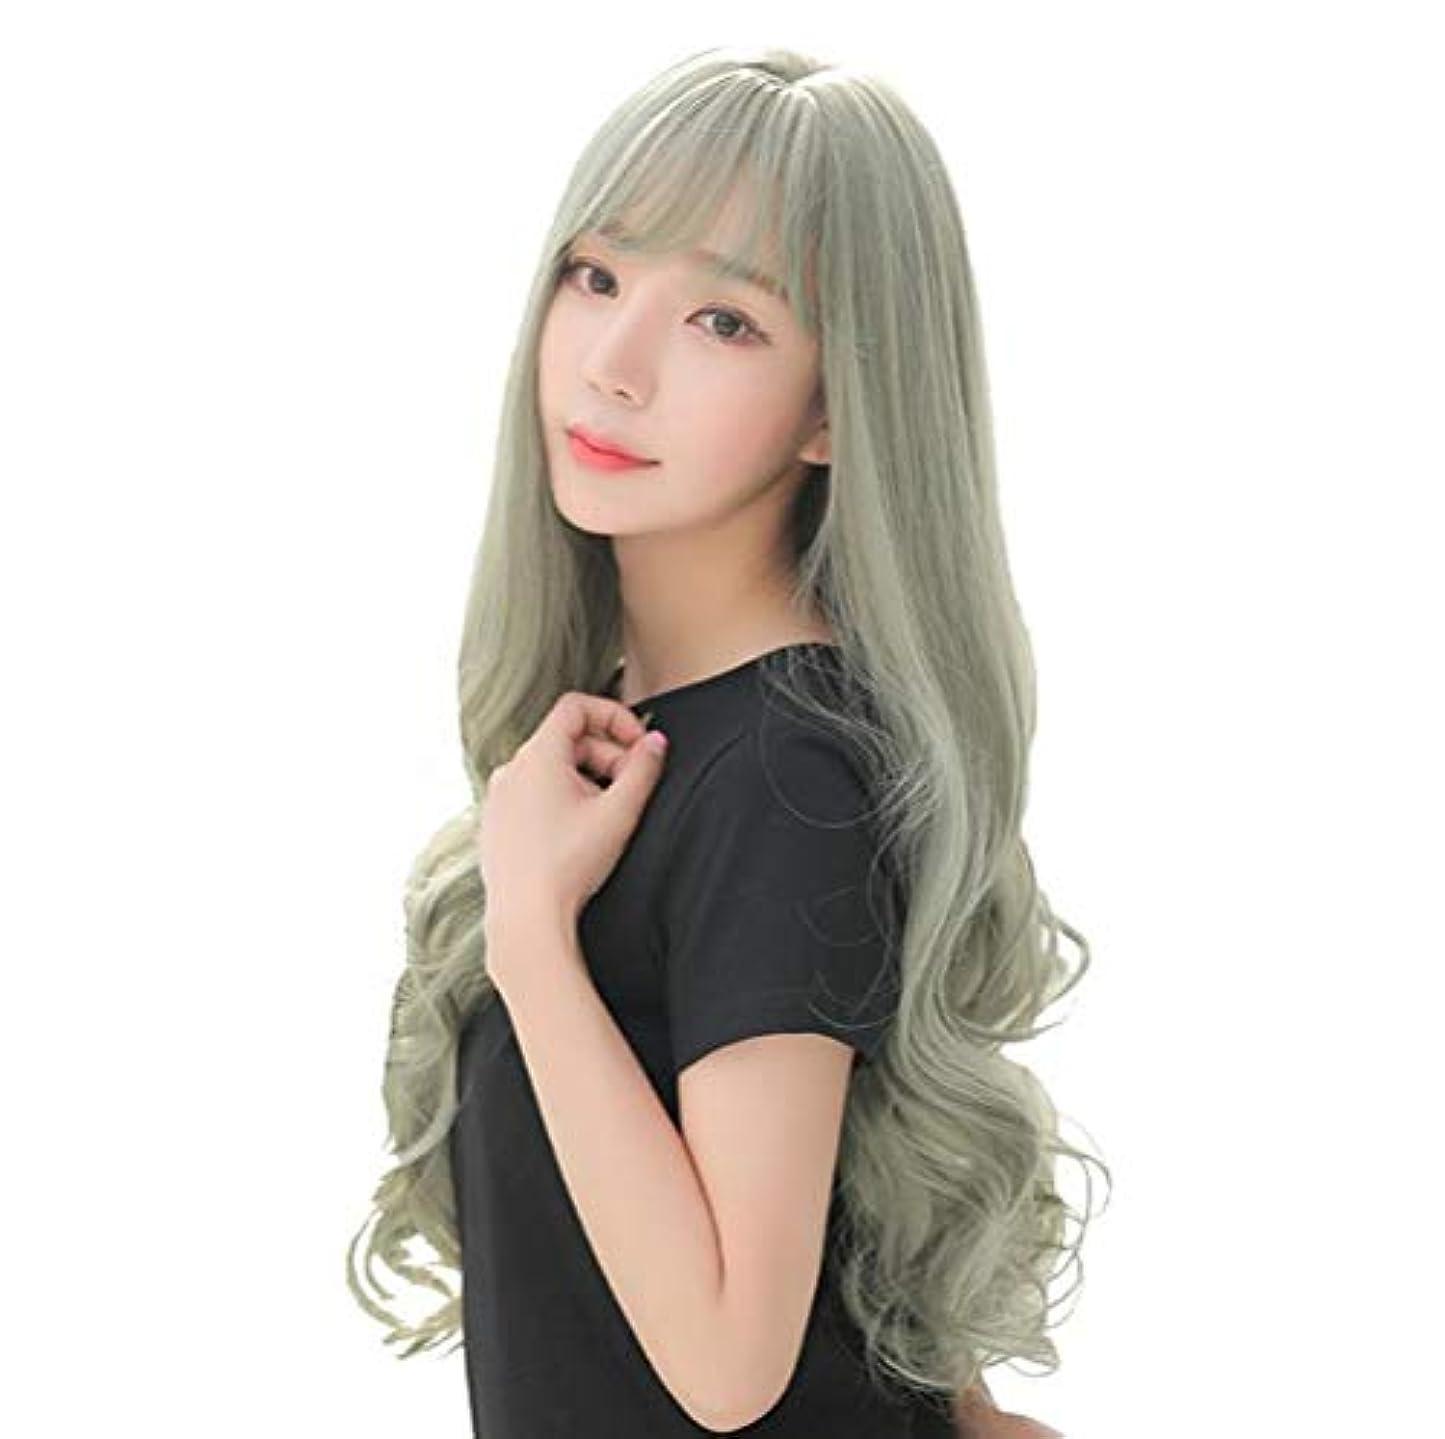 会計士絶対に趣味かつら女性アッシュグリーン高温シルク長い巻き毛ビッグウェーブ空気前髪 LH2203 (アッシュグリーン)